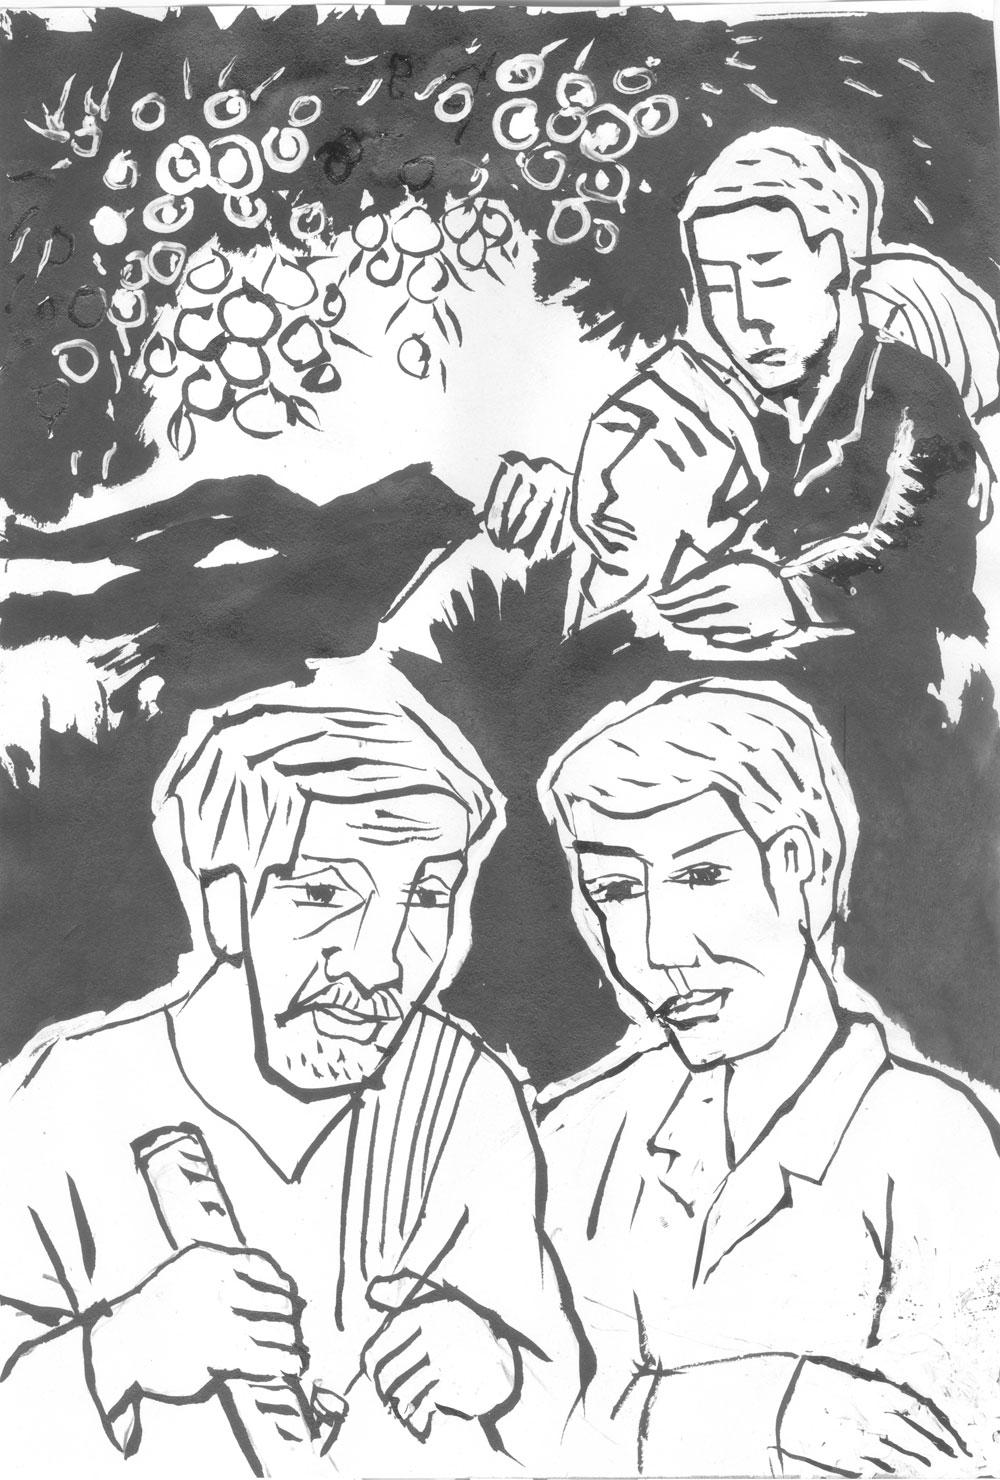 Truyện ngắn, văn học, Bắc Giang, mùa nhãn, văn học